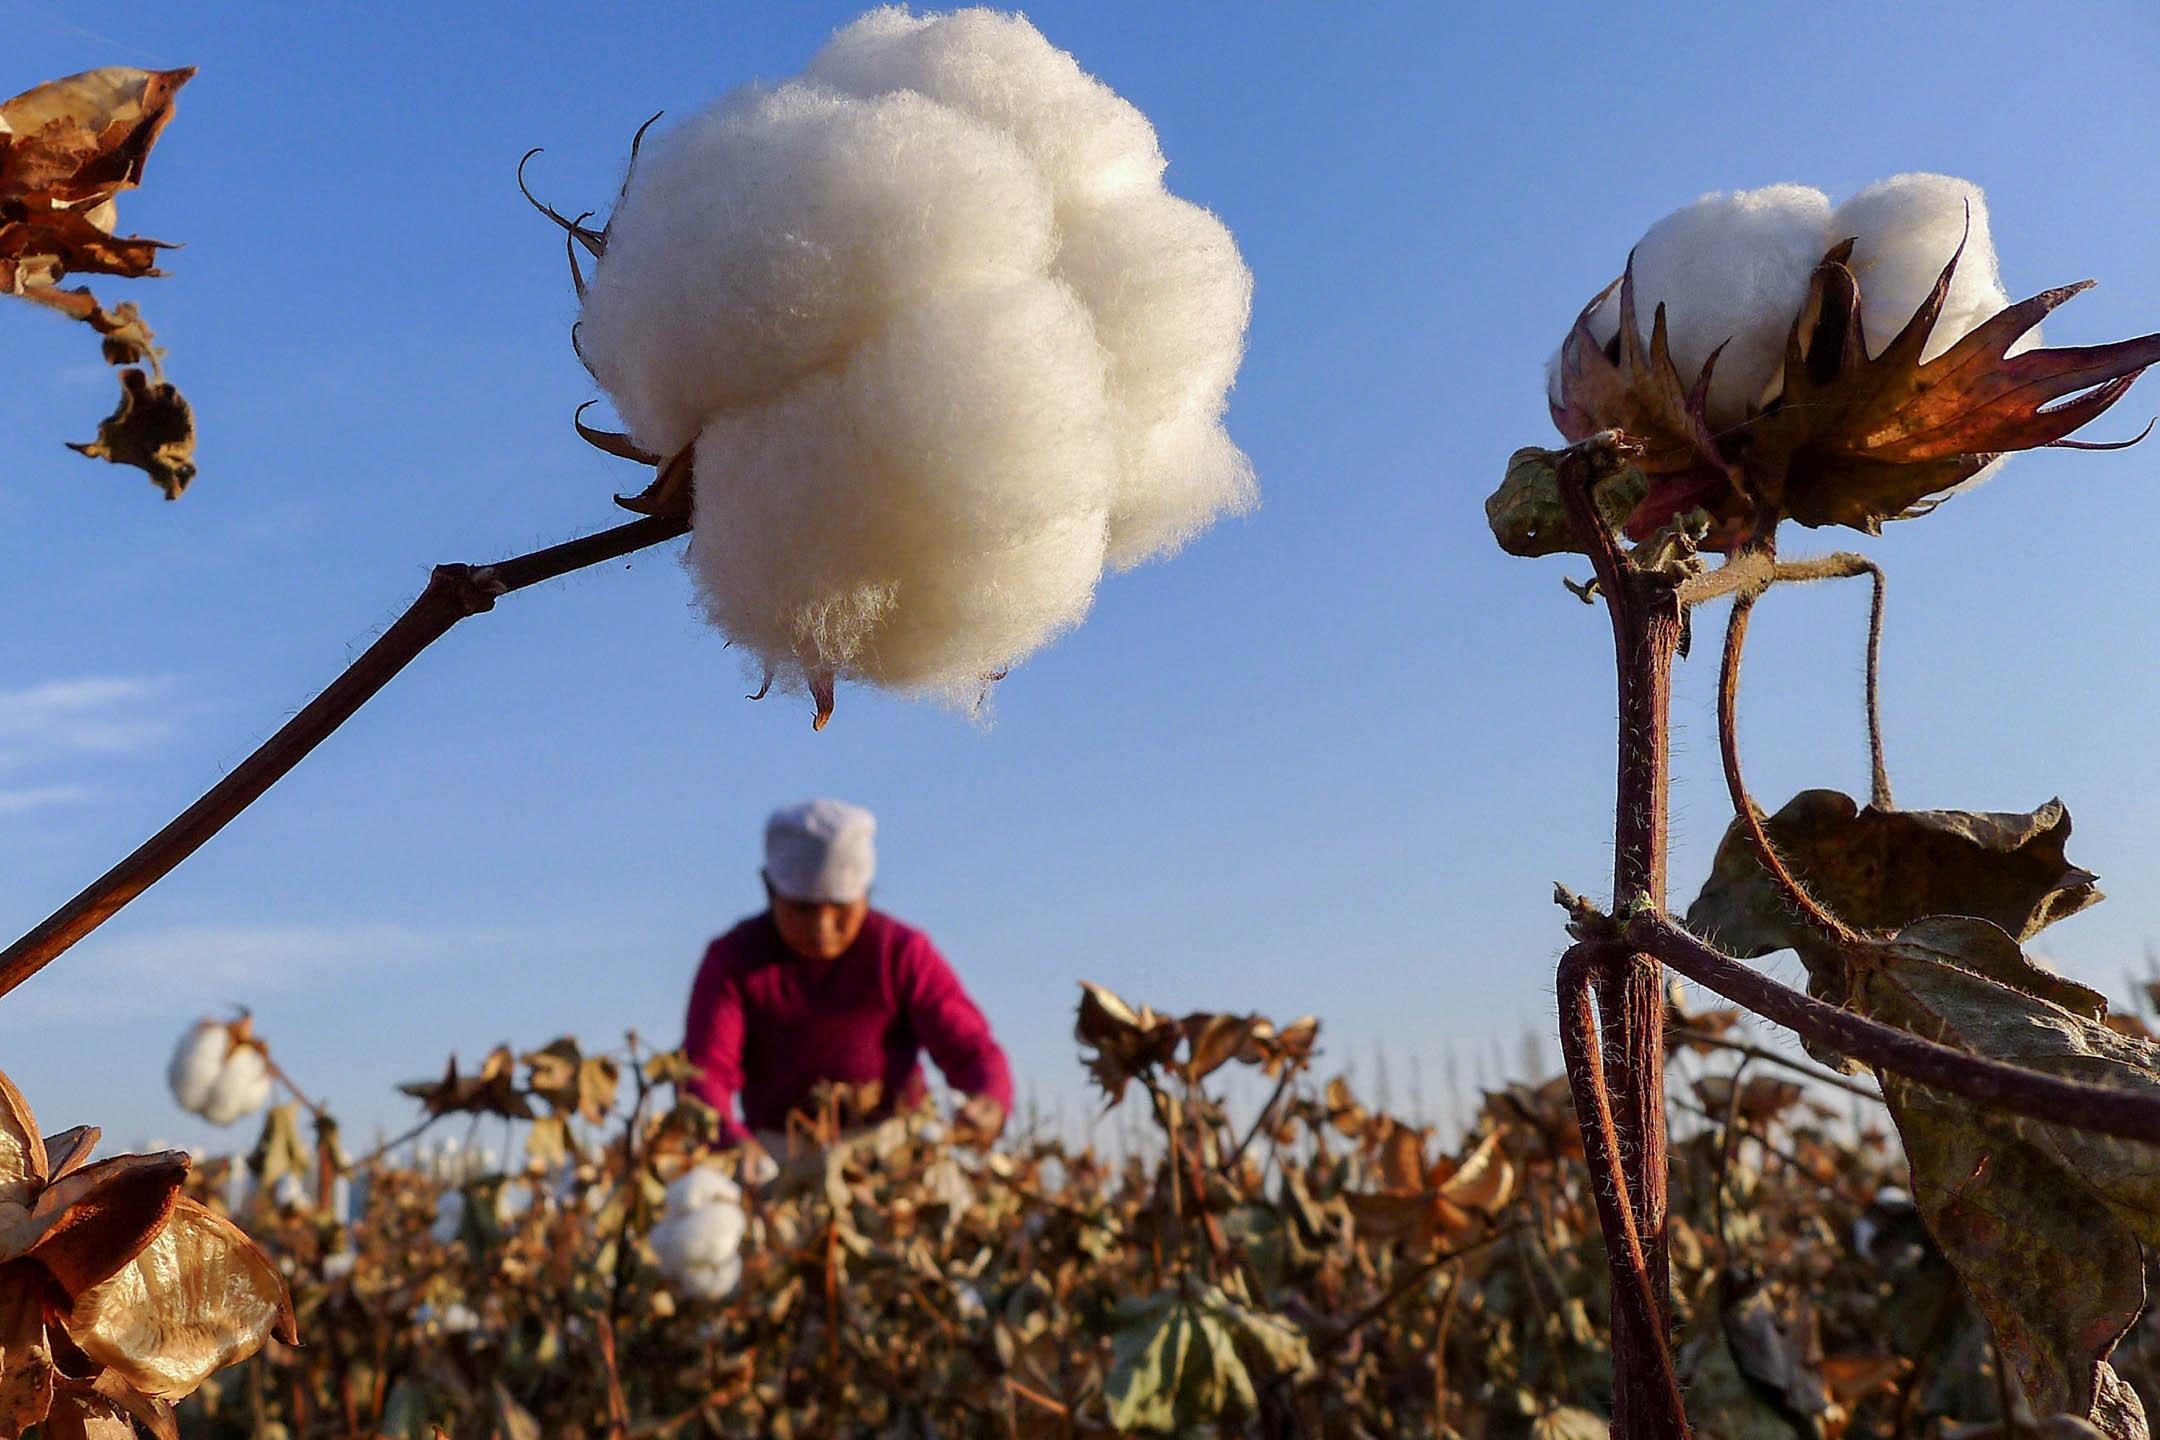 2012年11月1日中國新疆維吾爾自治區哈密市,一位農民在一塊田裡採摘棉花。 圖:China Daily/Reuters/達志影像